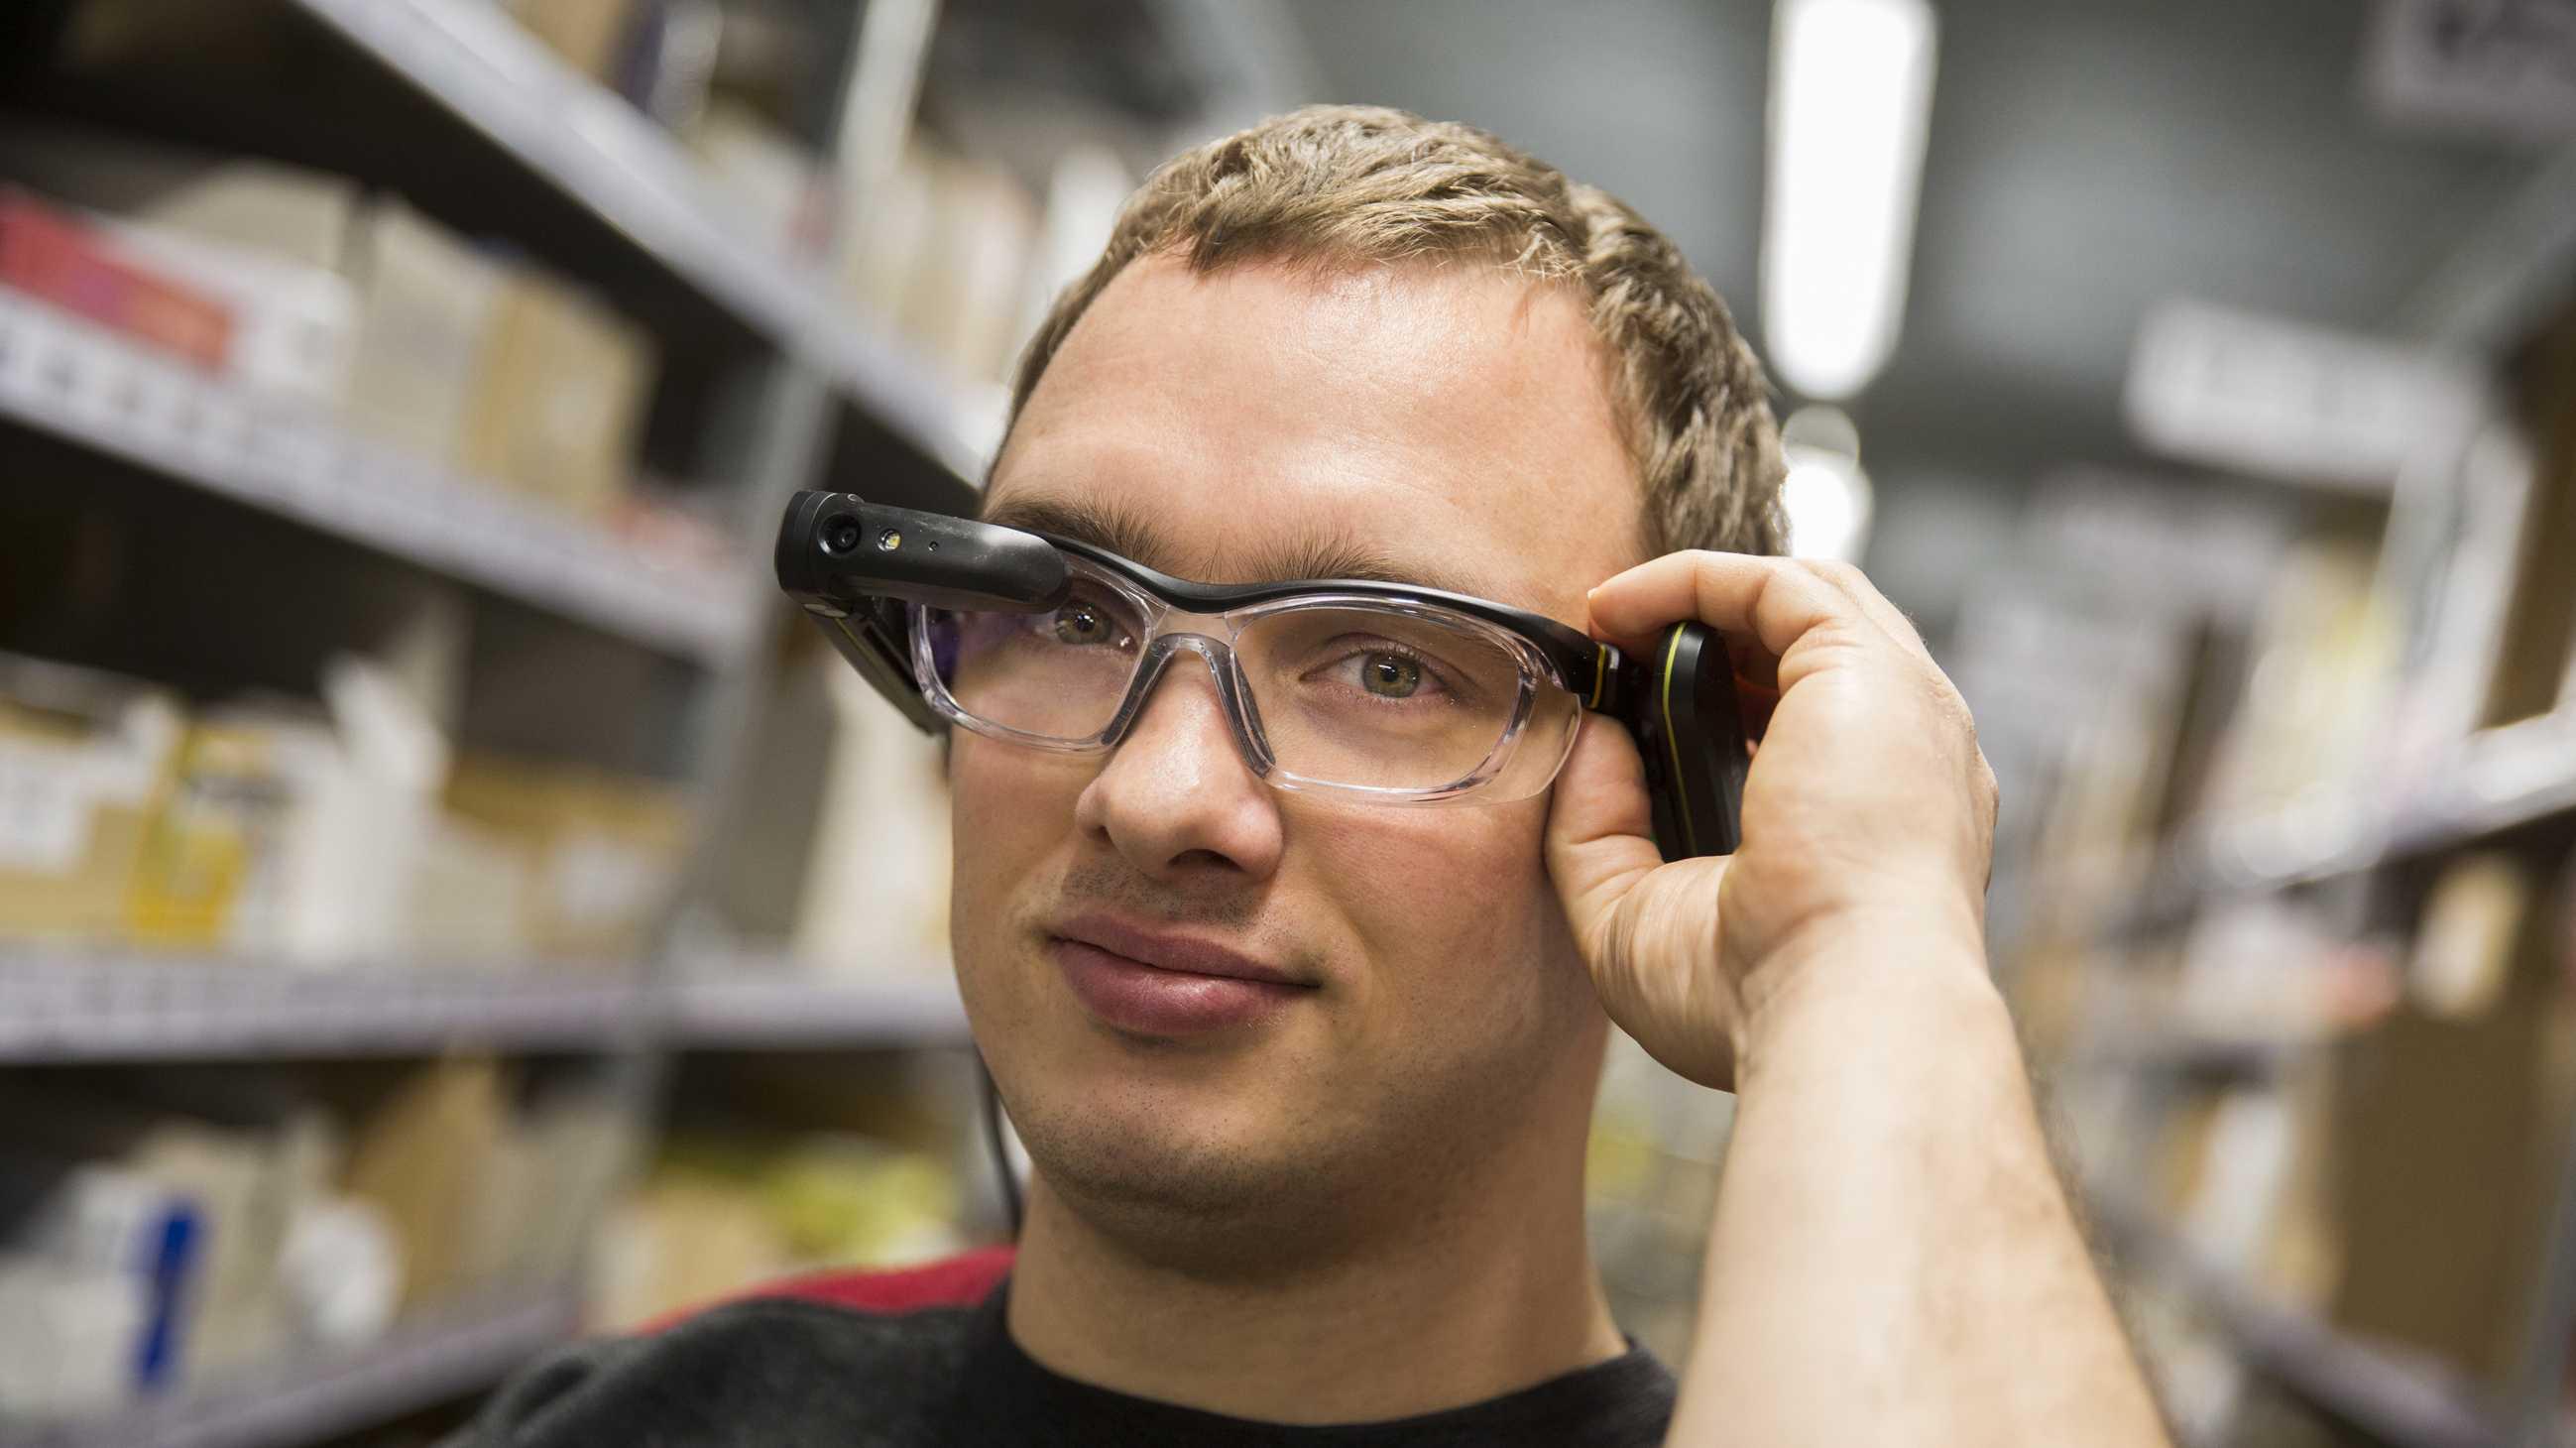 Mit Datenbrille nehmen Gehörlose ihre Anweisungen wahr